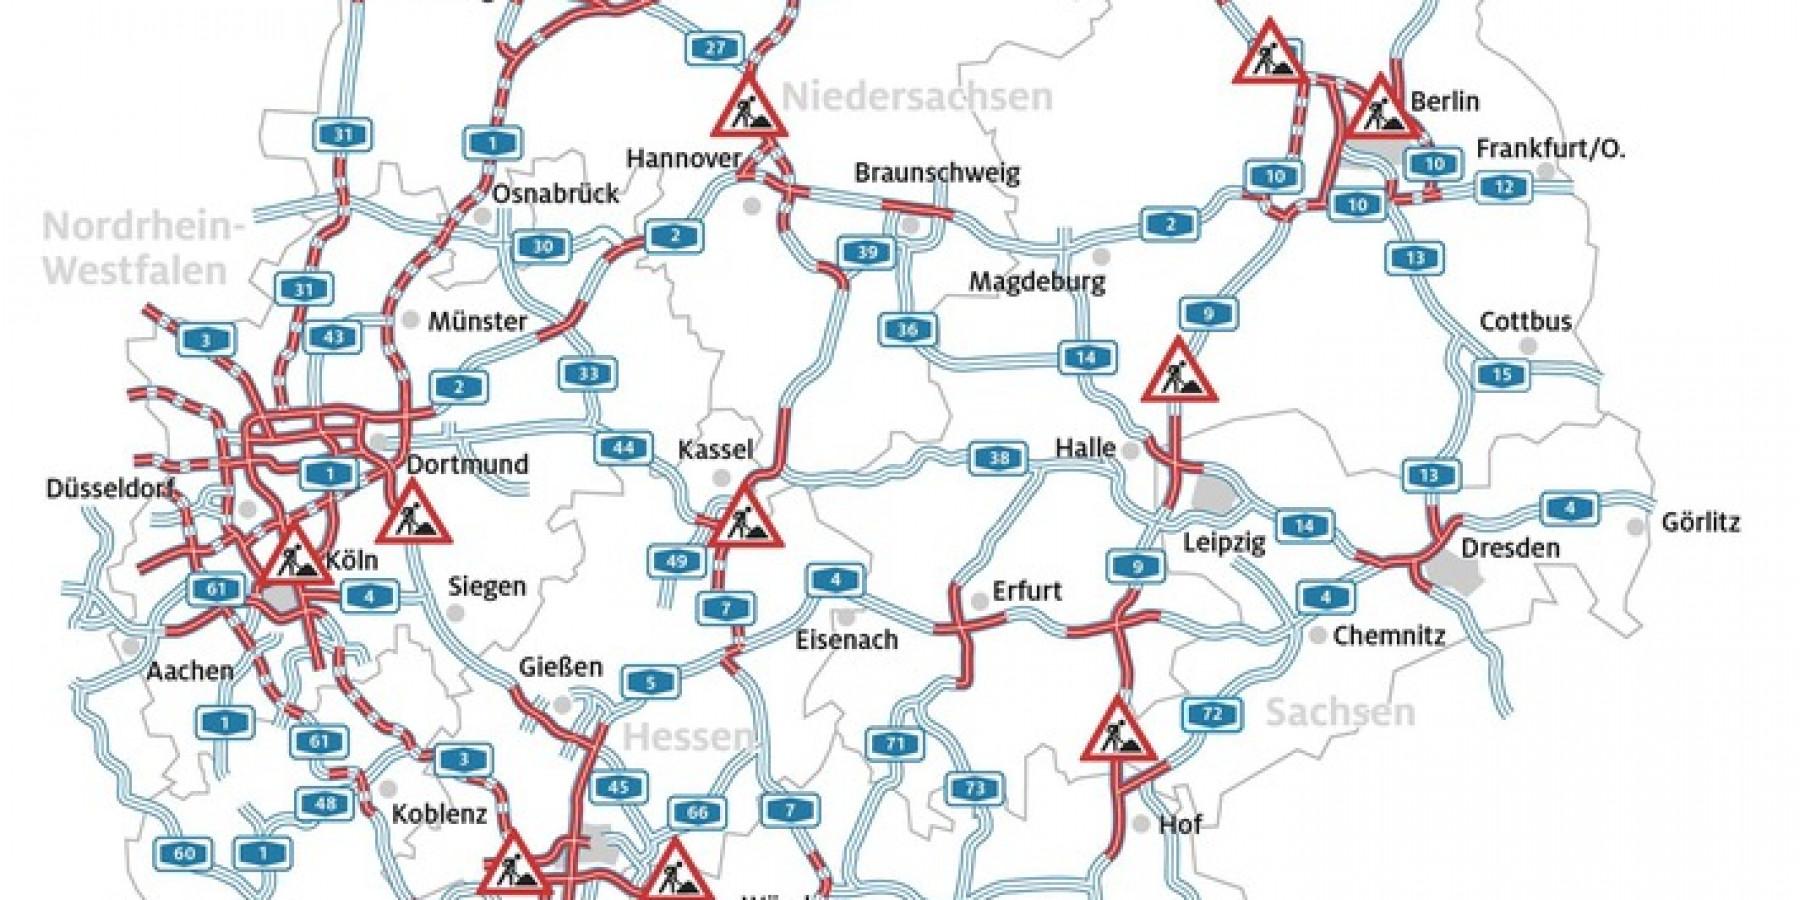 Urlaubsheimkehr zeitweise beschwerlich Ferien-Ende in Hessen, Rheinland-Pfalz und dem Saarland